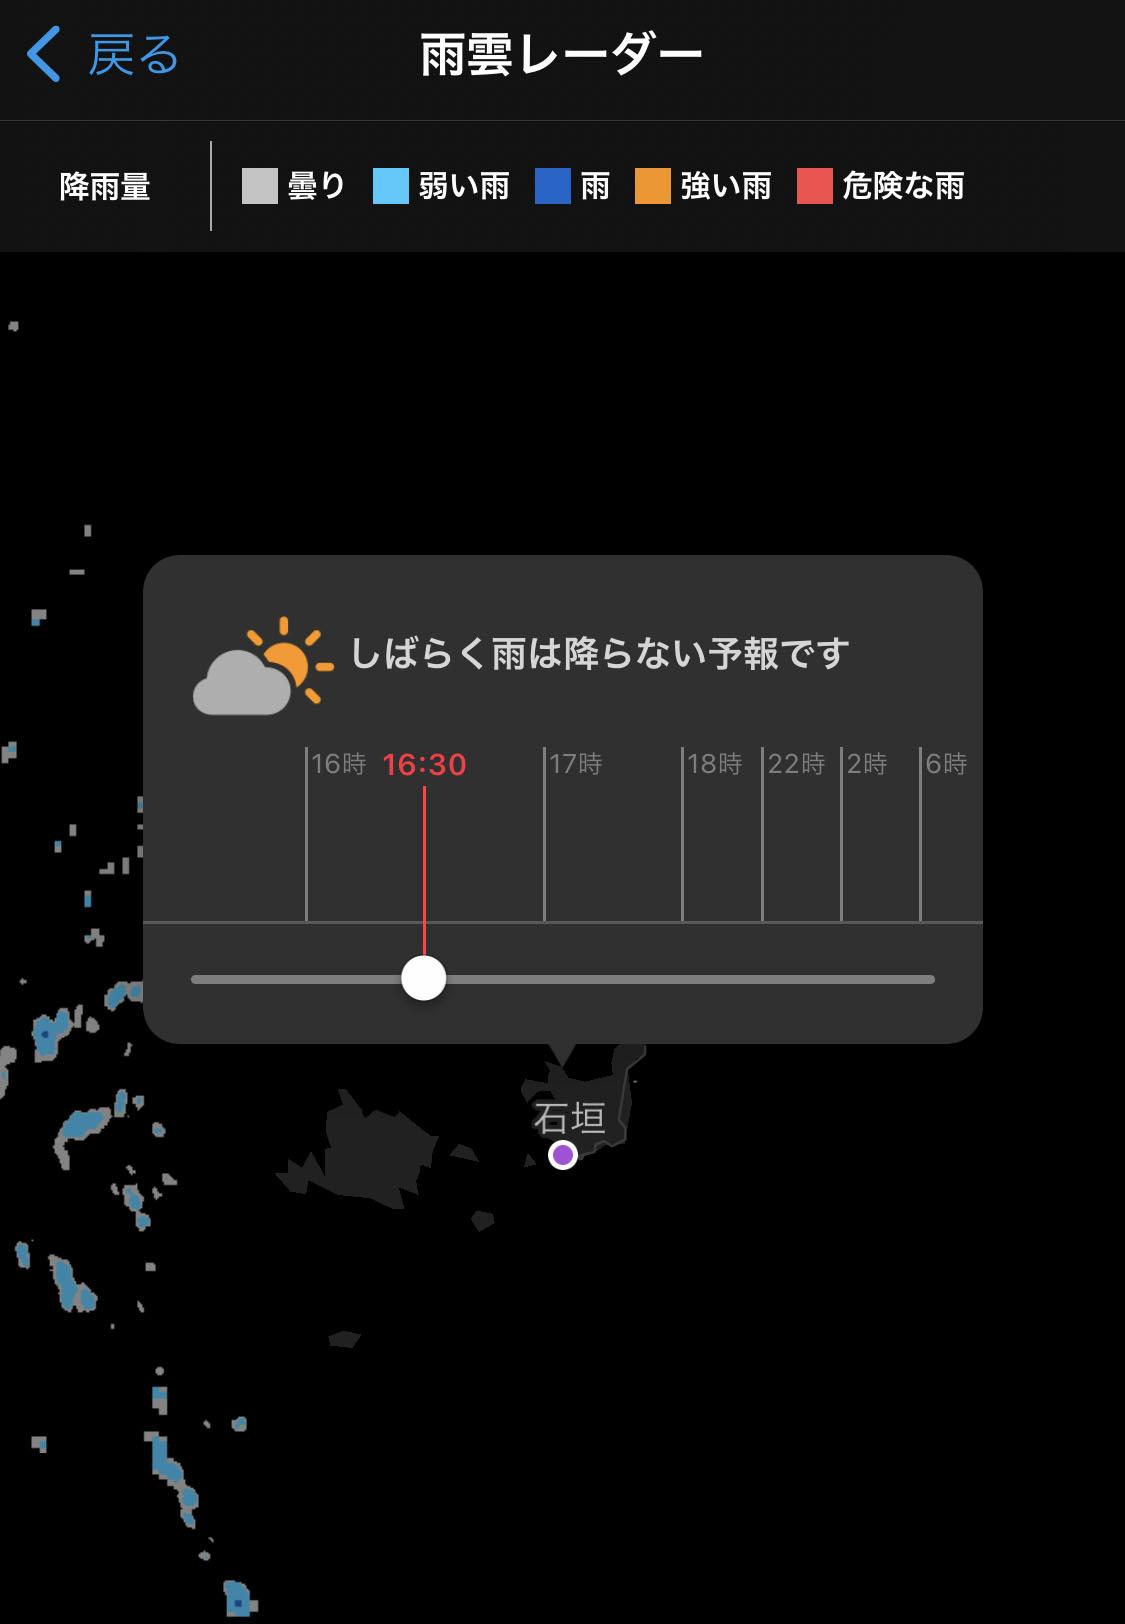 久喜 市 雨雲 レーダー